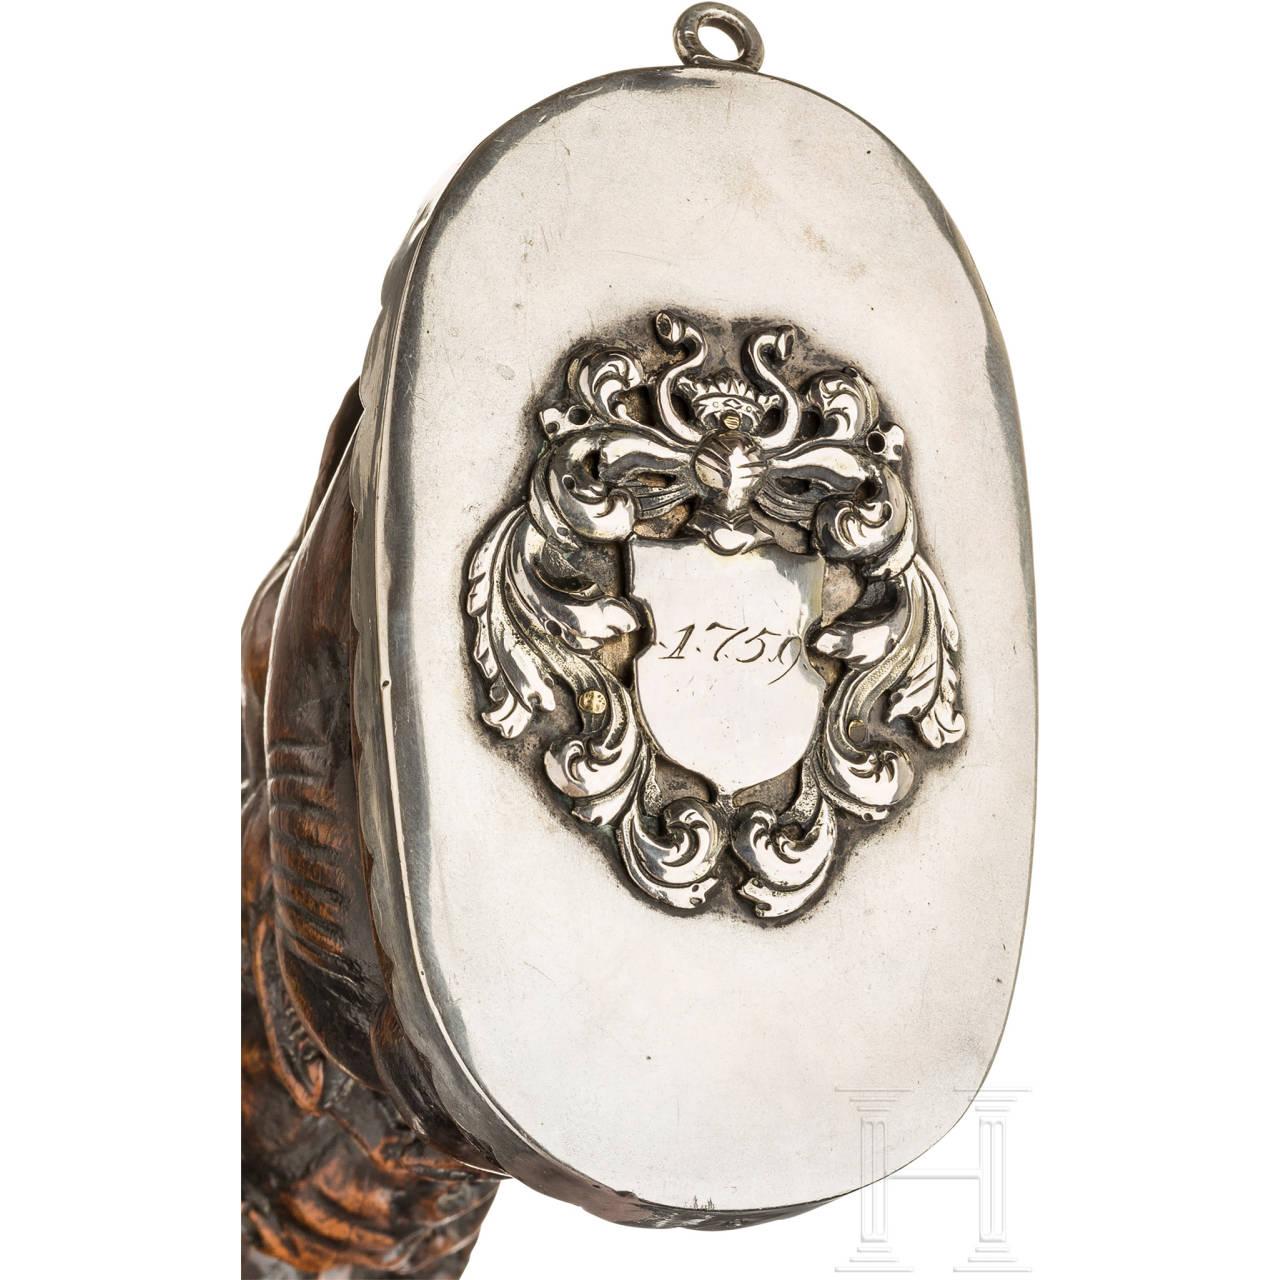 Silbermontierte Luxus-Pulverflasche, deutsch, datiert 1759